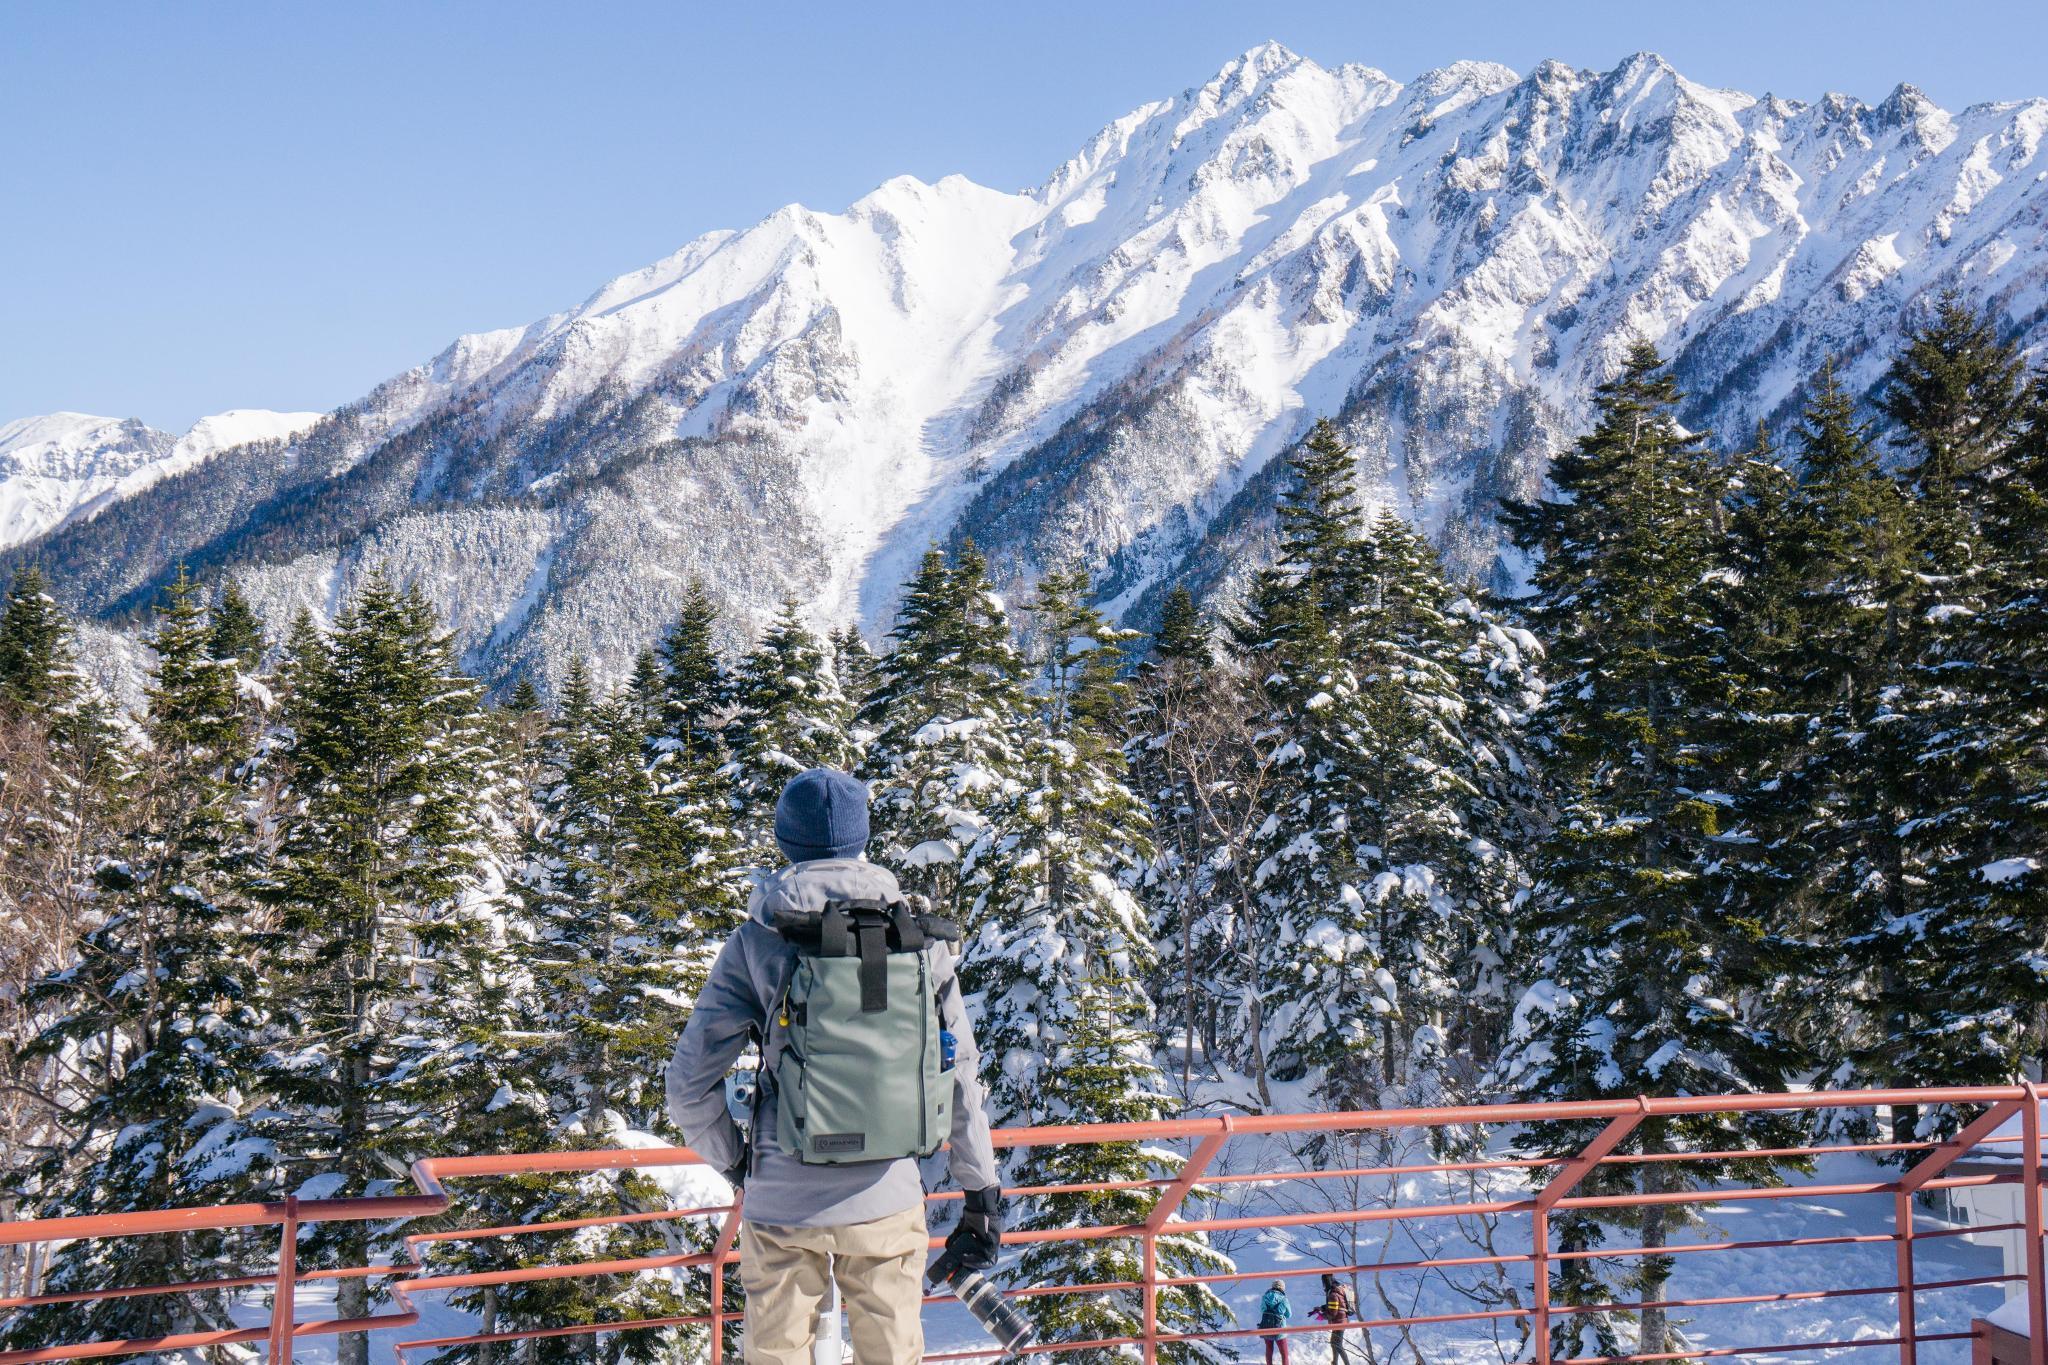 【岐阜】超級推薦!奧飛驒溫泉鄉的冬季戀歌 ~ 新穗高纜車雪景攻略 105